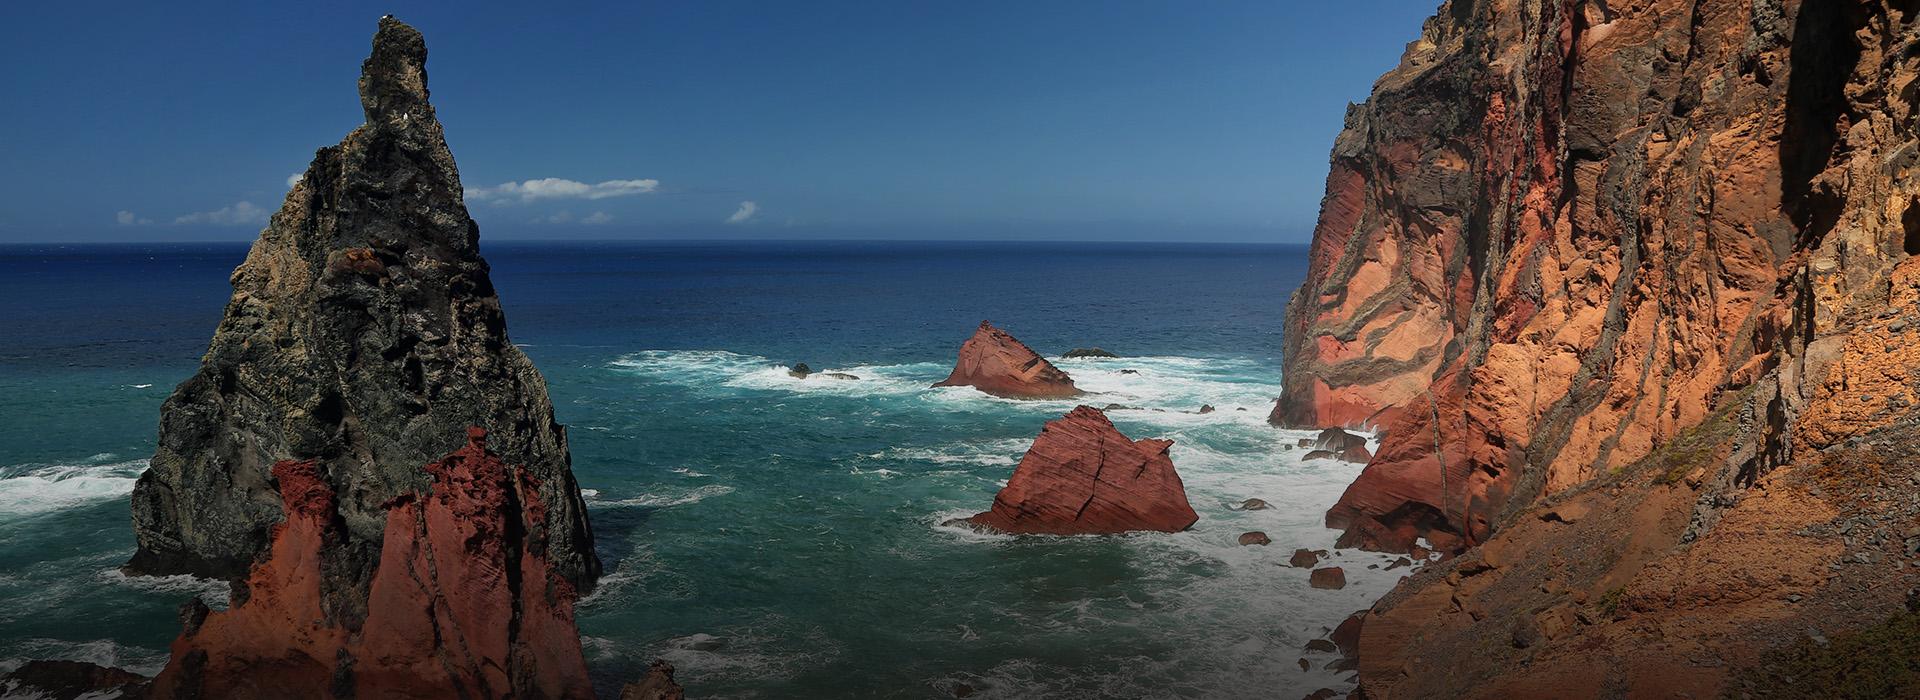 Hoelang Is Het Vliegen Naar Madeira Portugal